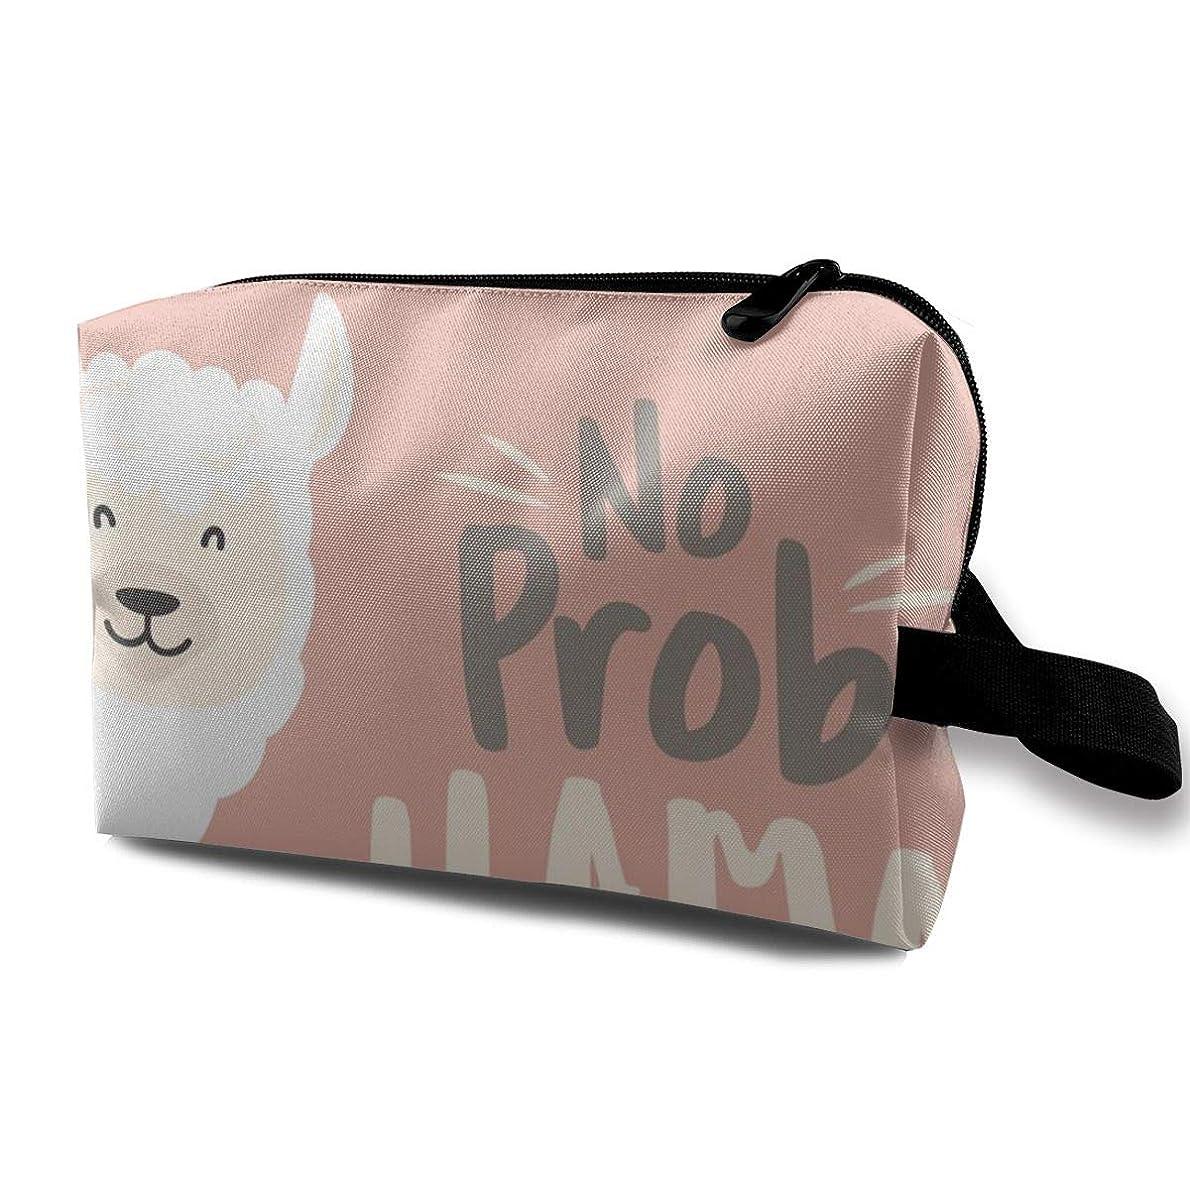 家ゆるくフェミニンかわいいラマ 化粧バッグ 収納袋 女大容量 化粧品クラッチバッグ 収納 軽量 ウィンドジップ